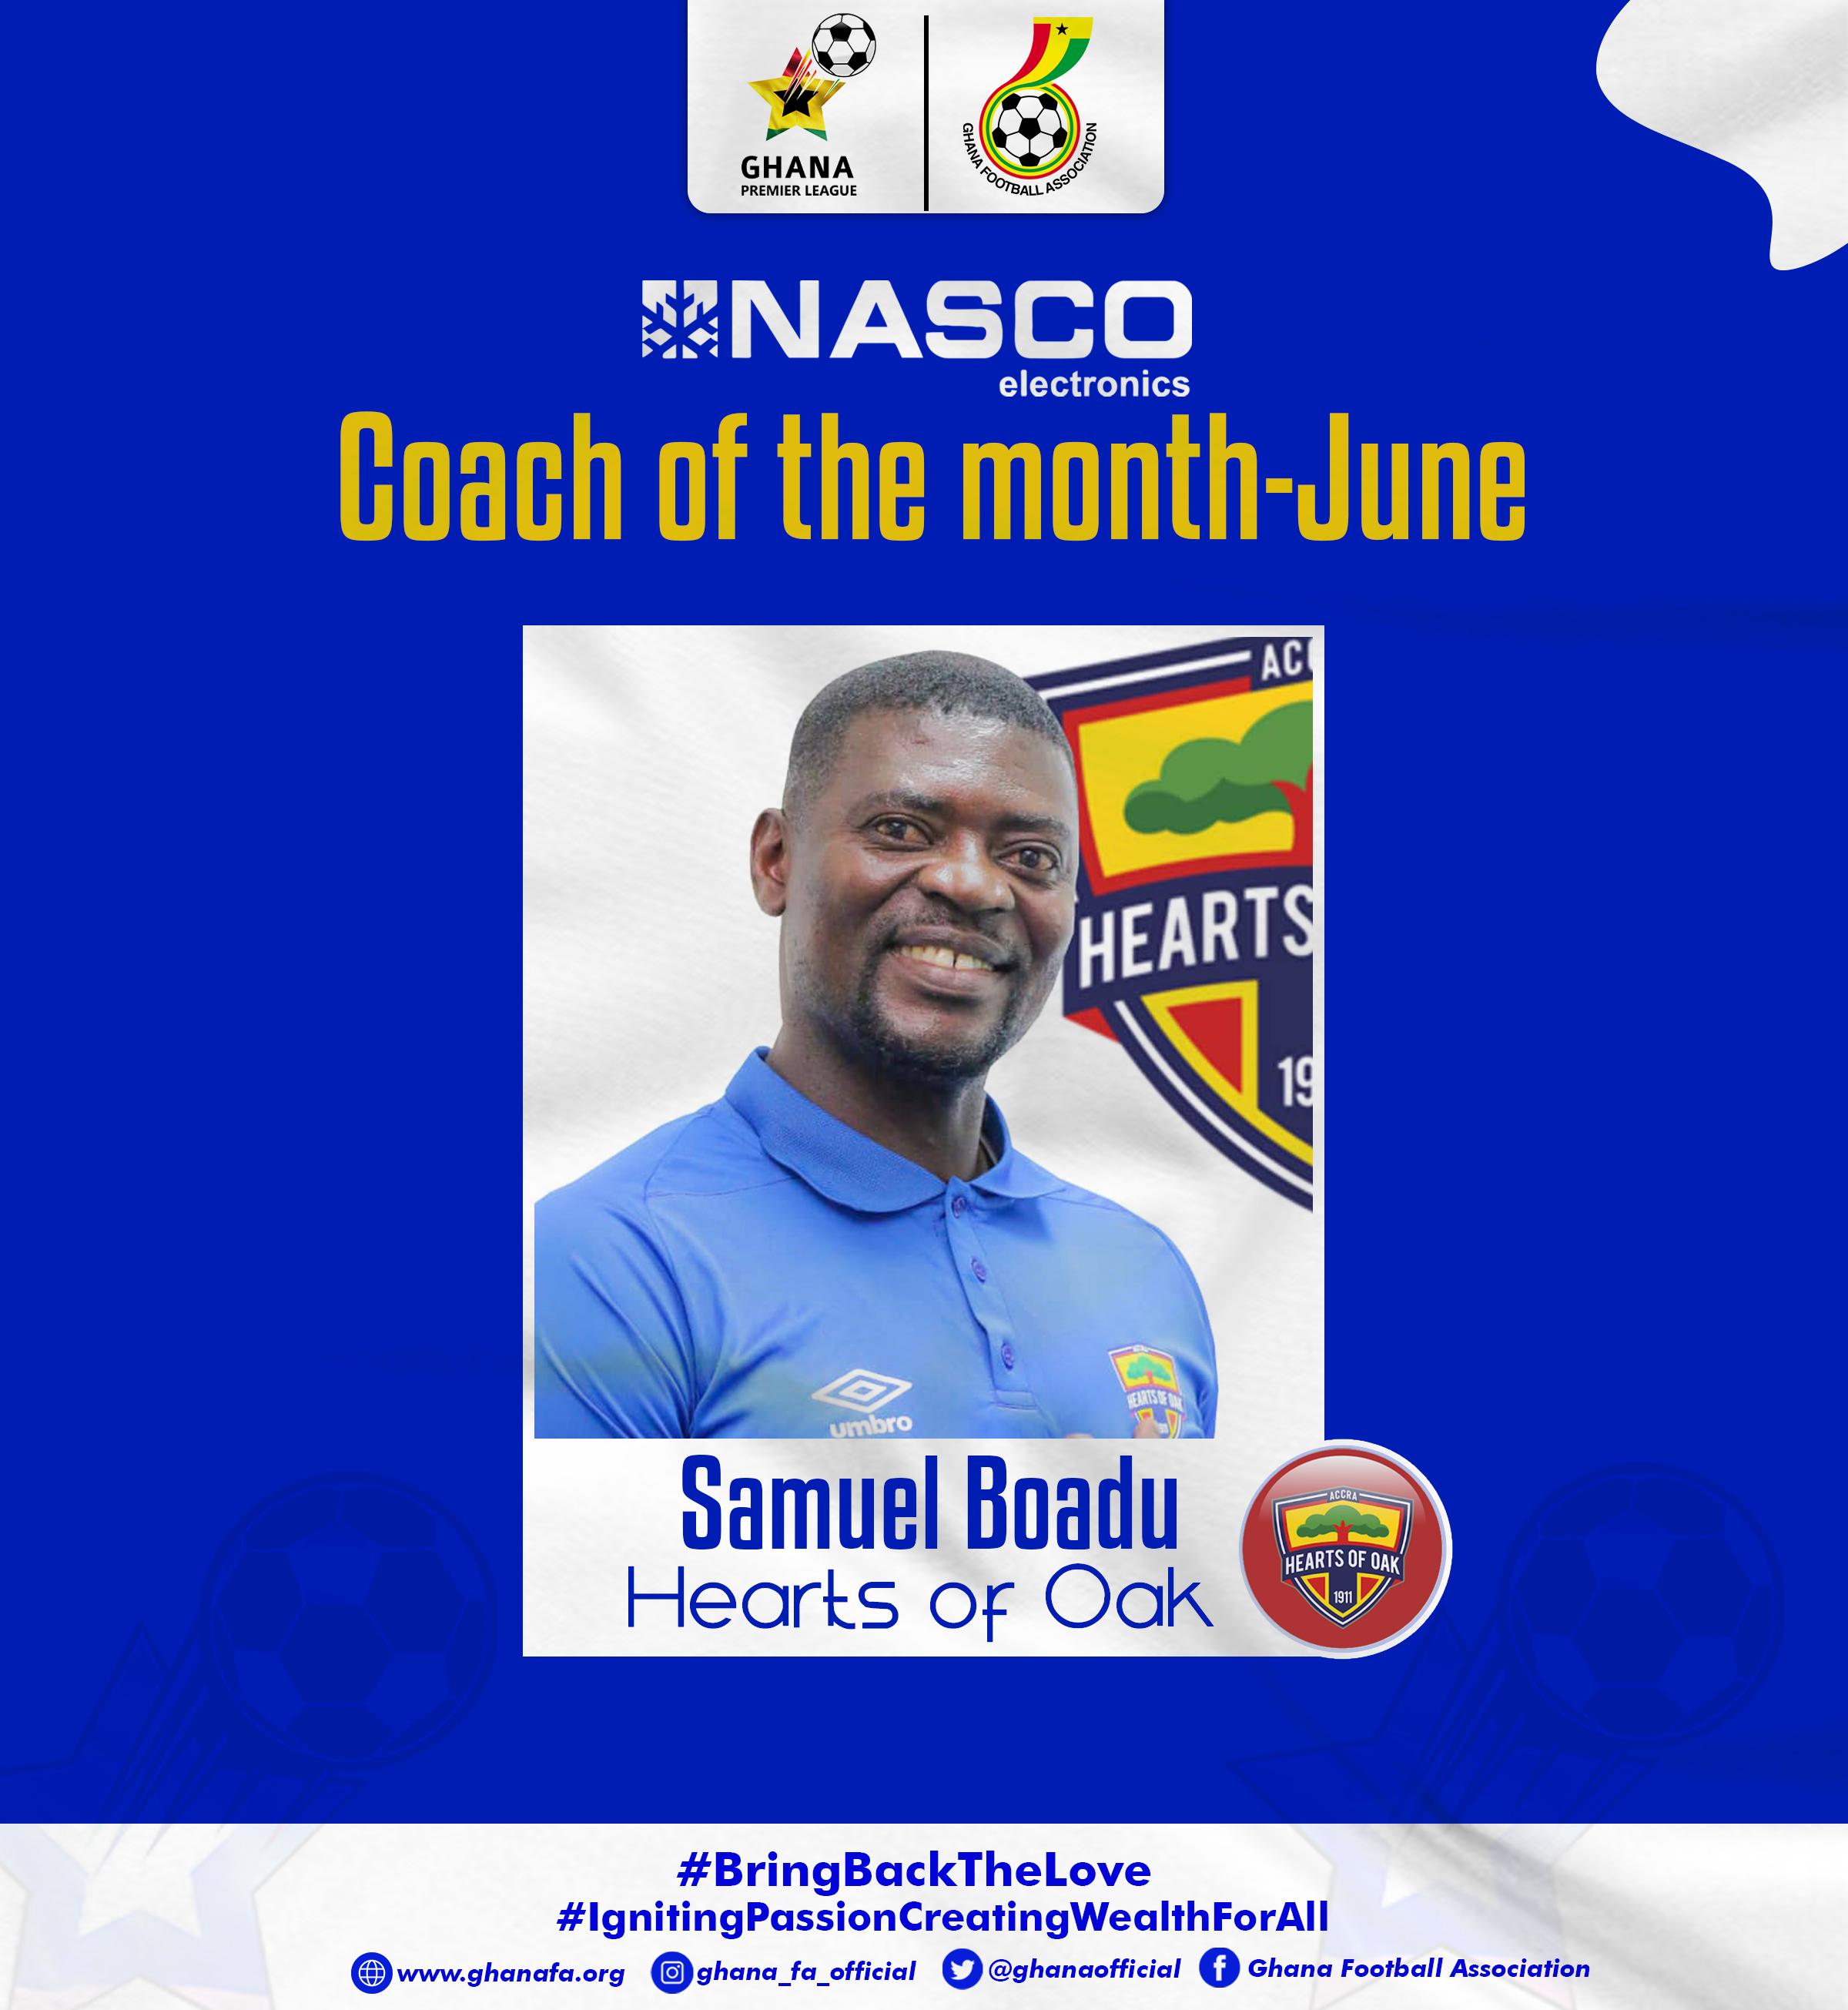 Samuel Boadu named NASCO GPL Coach of the Month for June